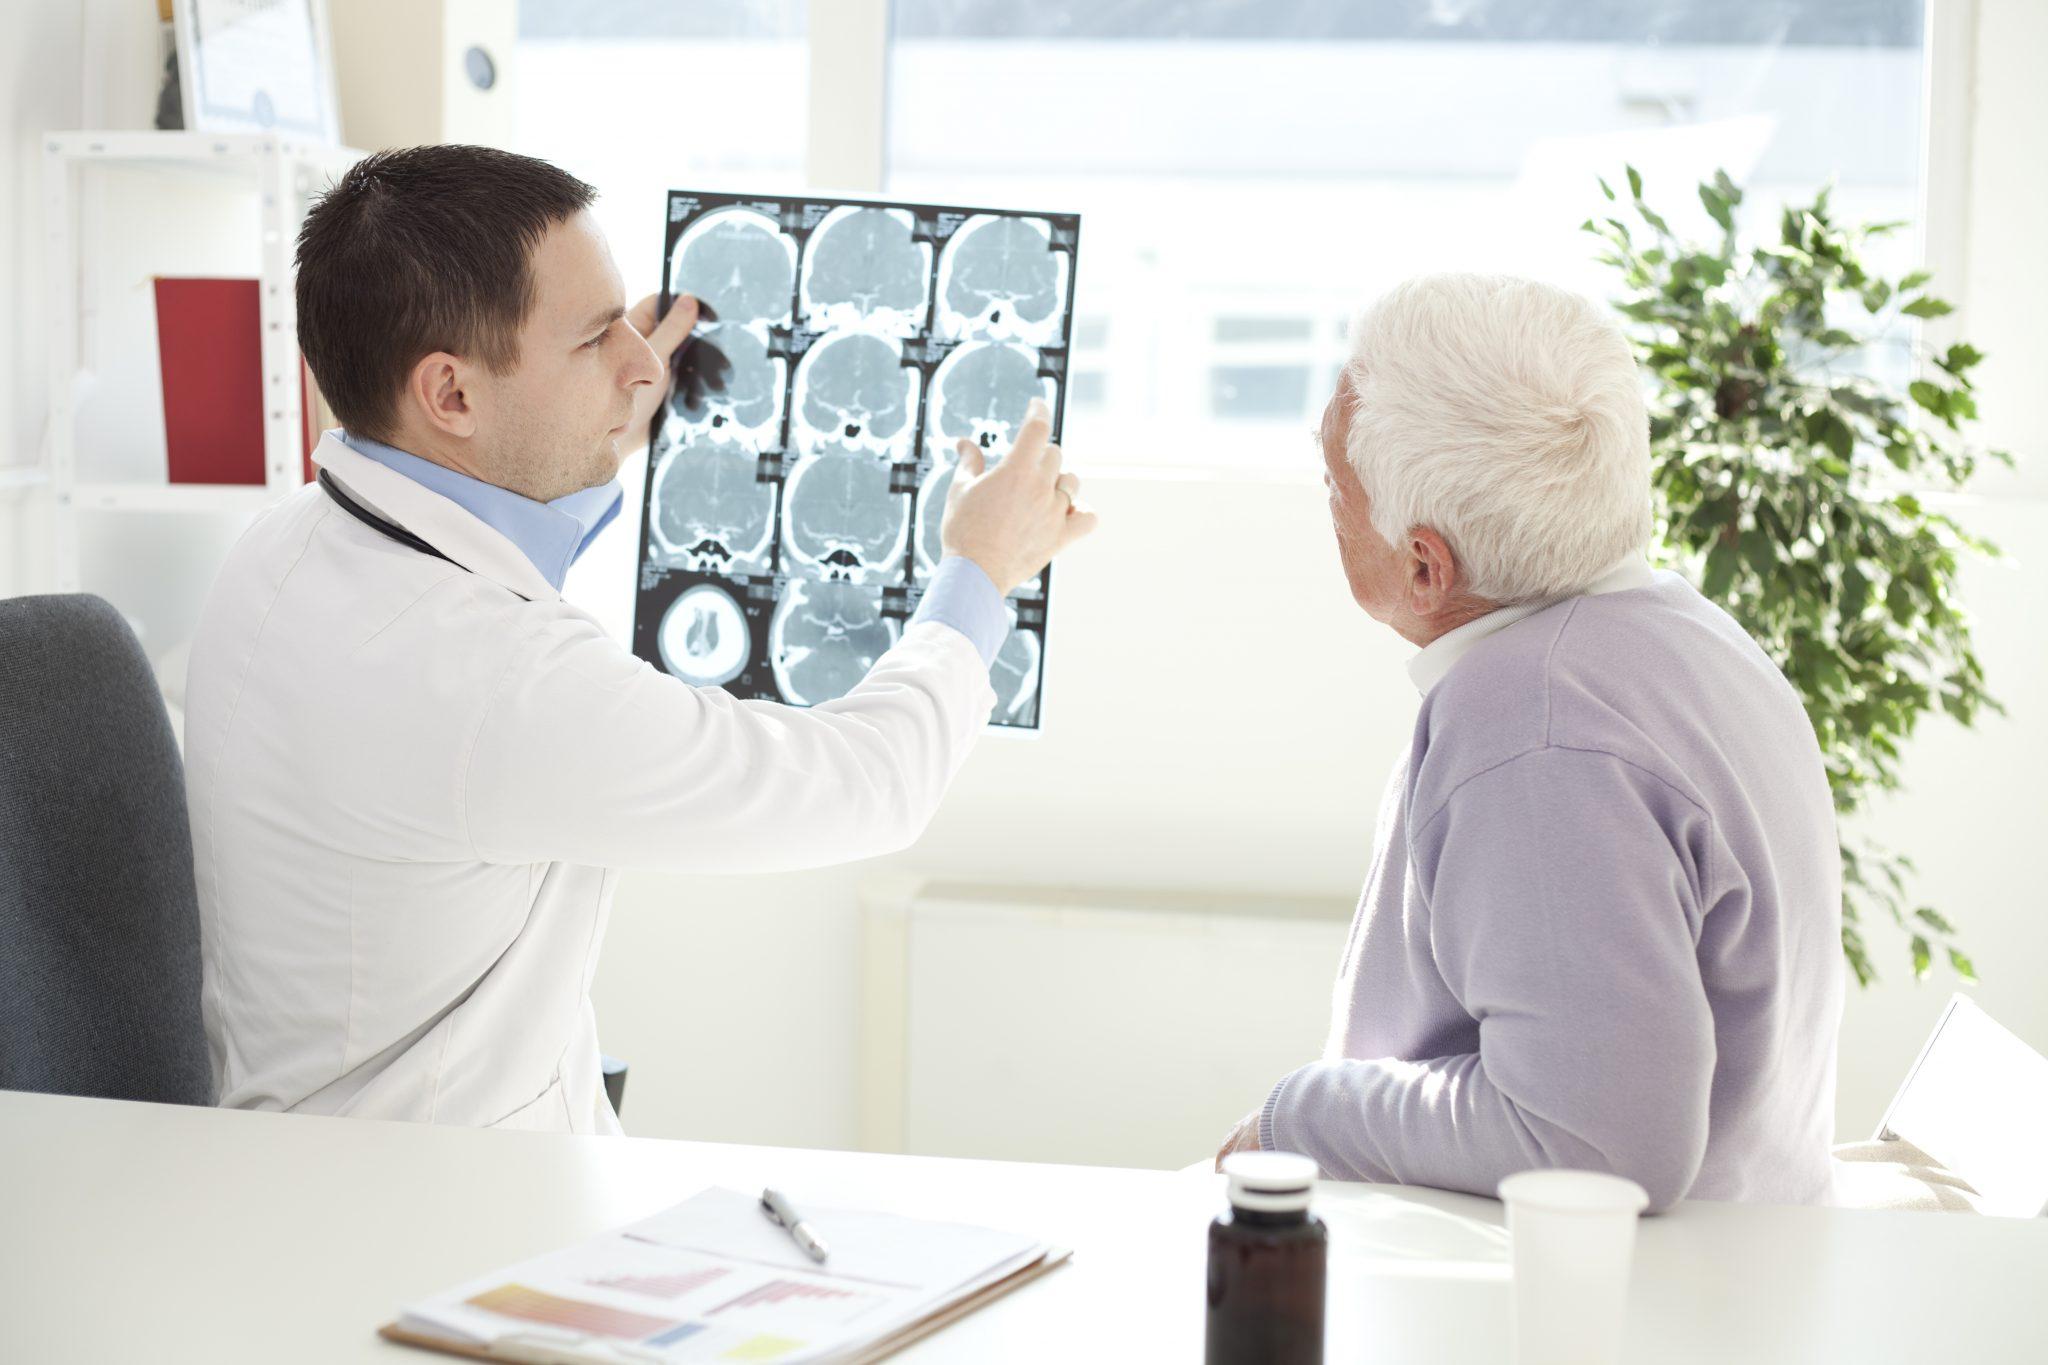 Czy badanie metodą tomografii komputerowej jest bezpieczne?